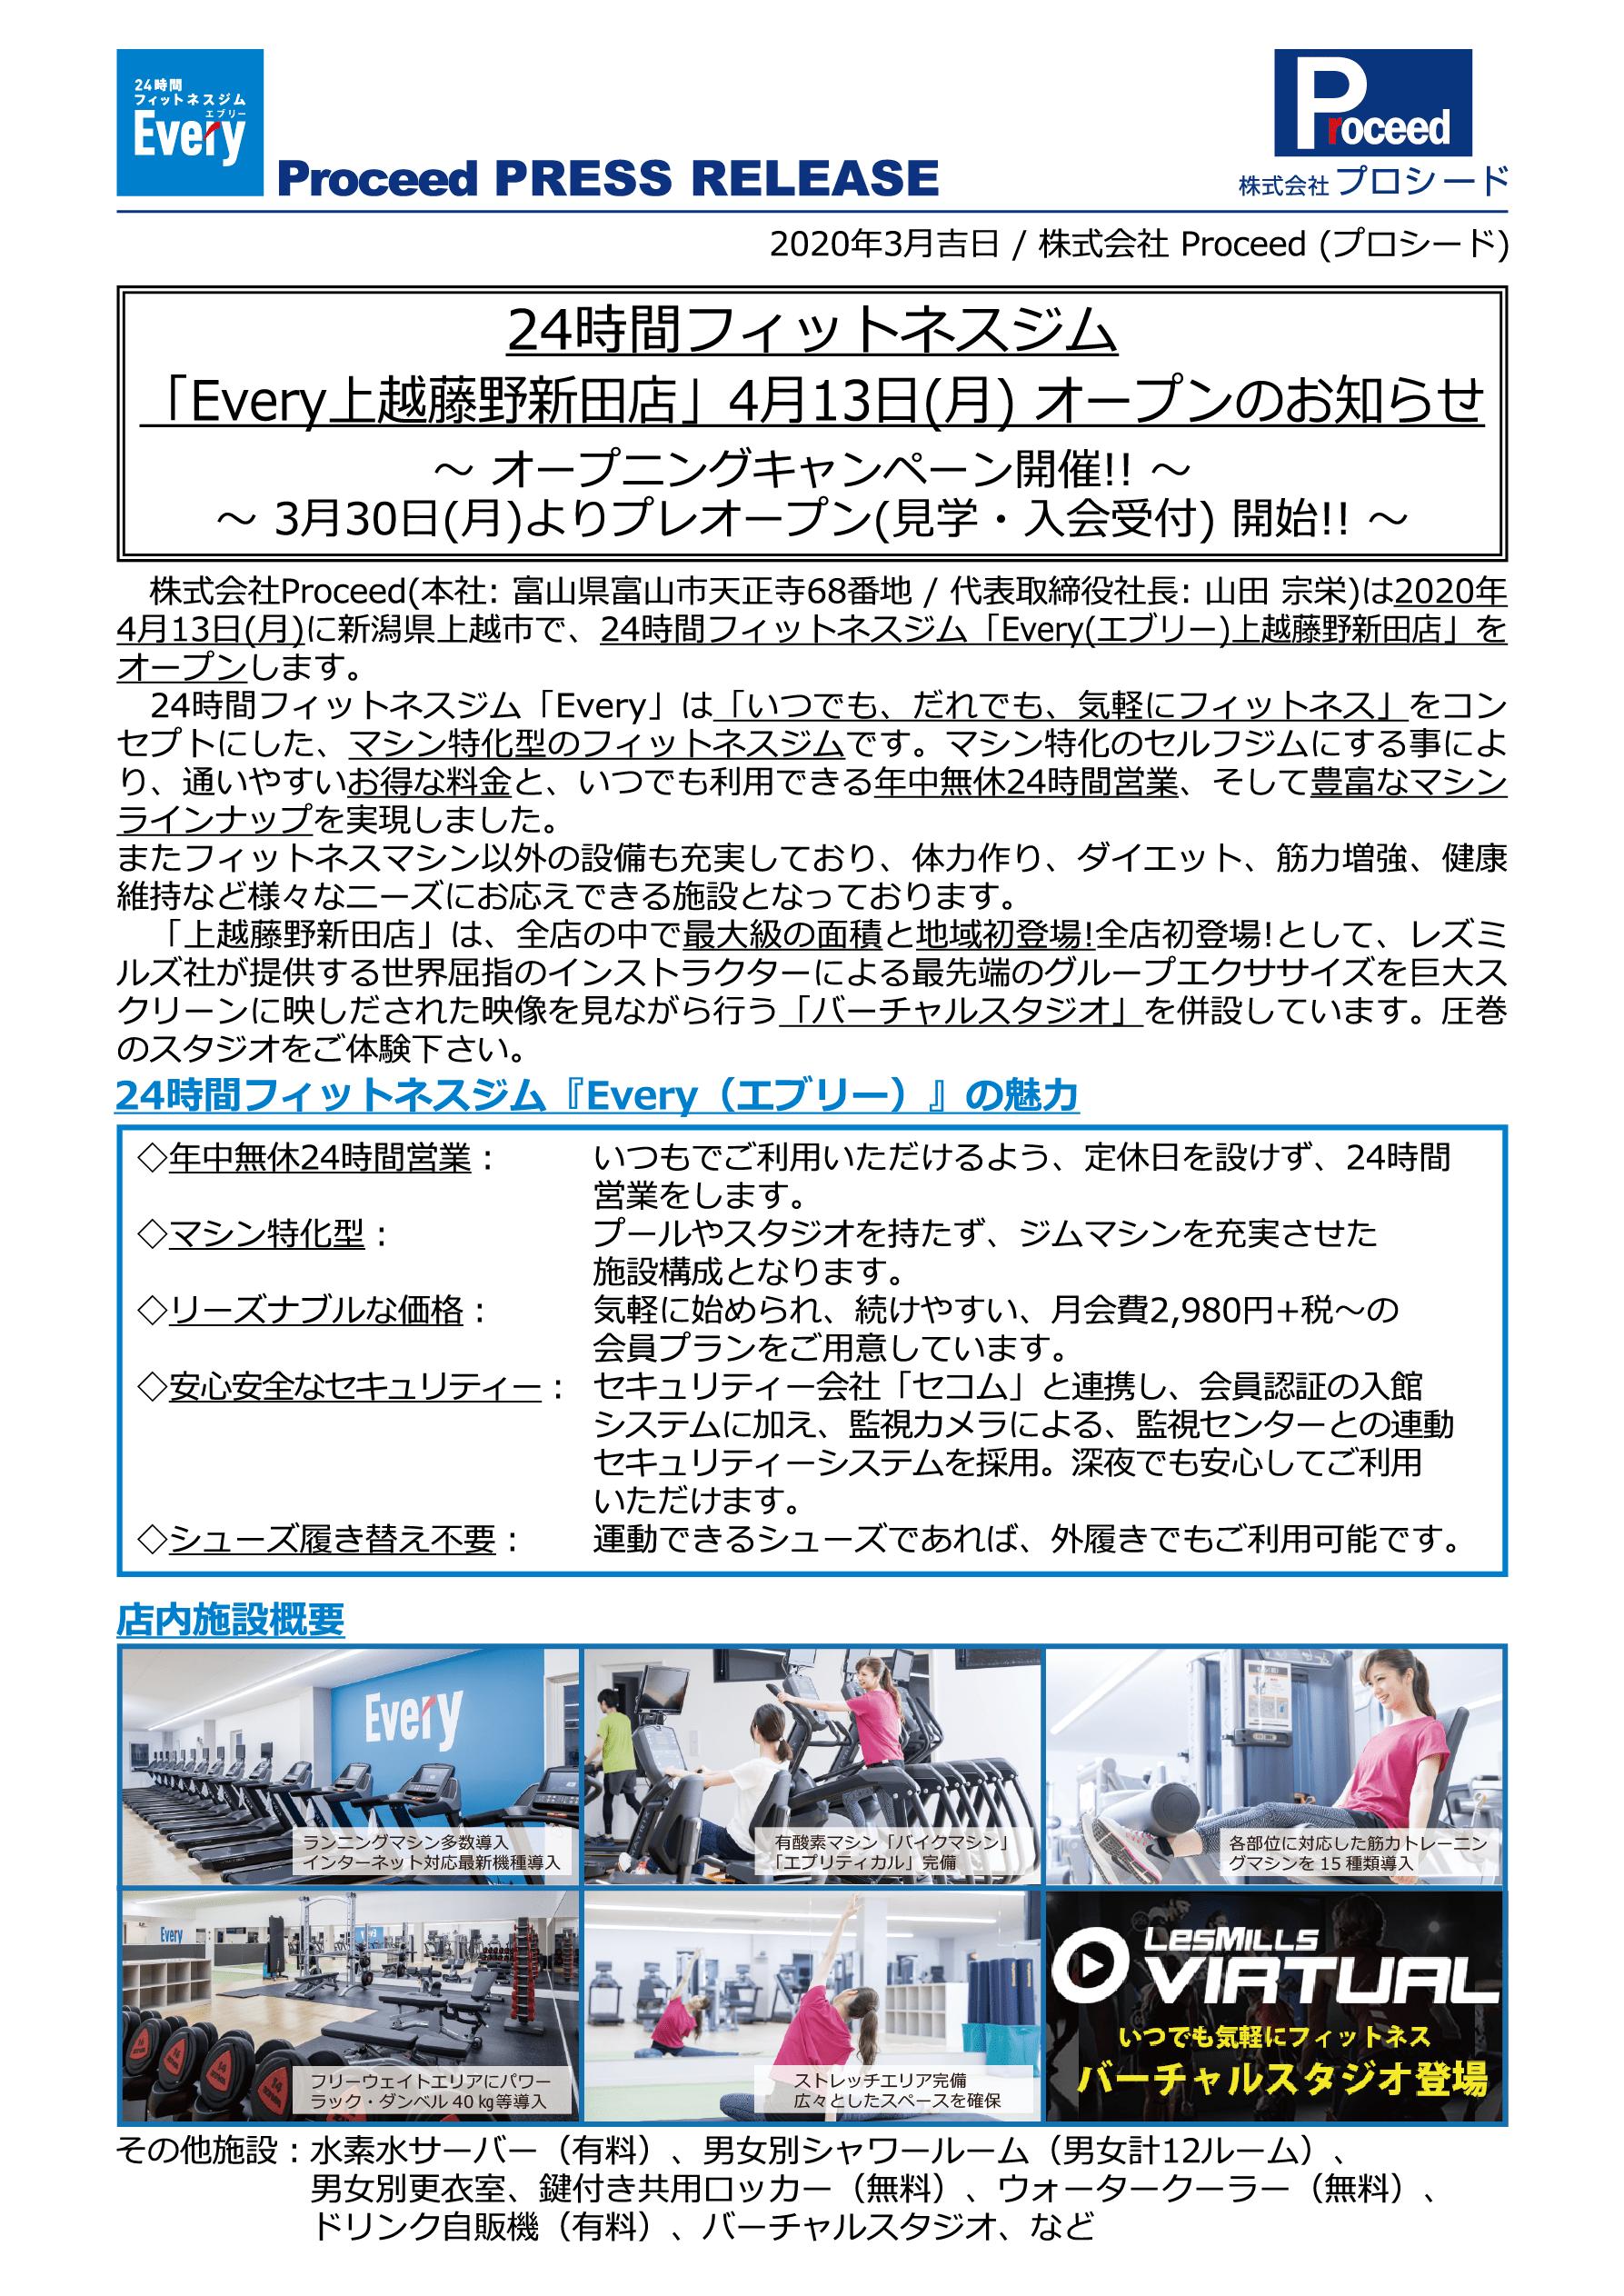 2020/3【プレスリリース】Every 上越藤野新田店 オープンのお知らせ 〜3/30(月)よりプレオープン開始!! 〜 | 1